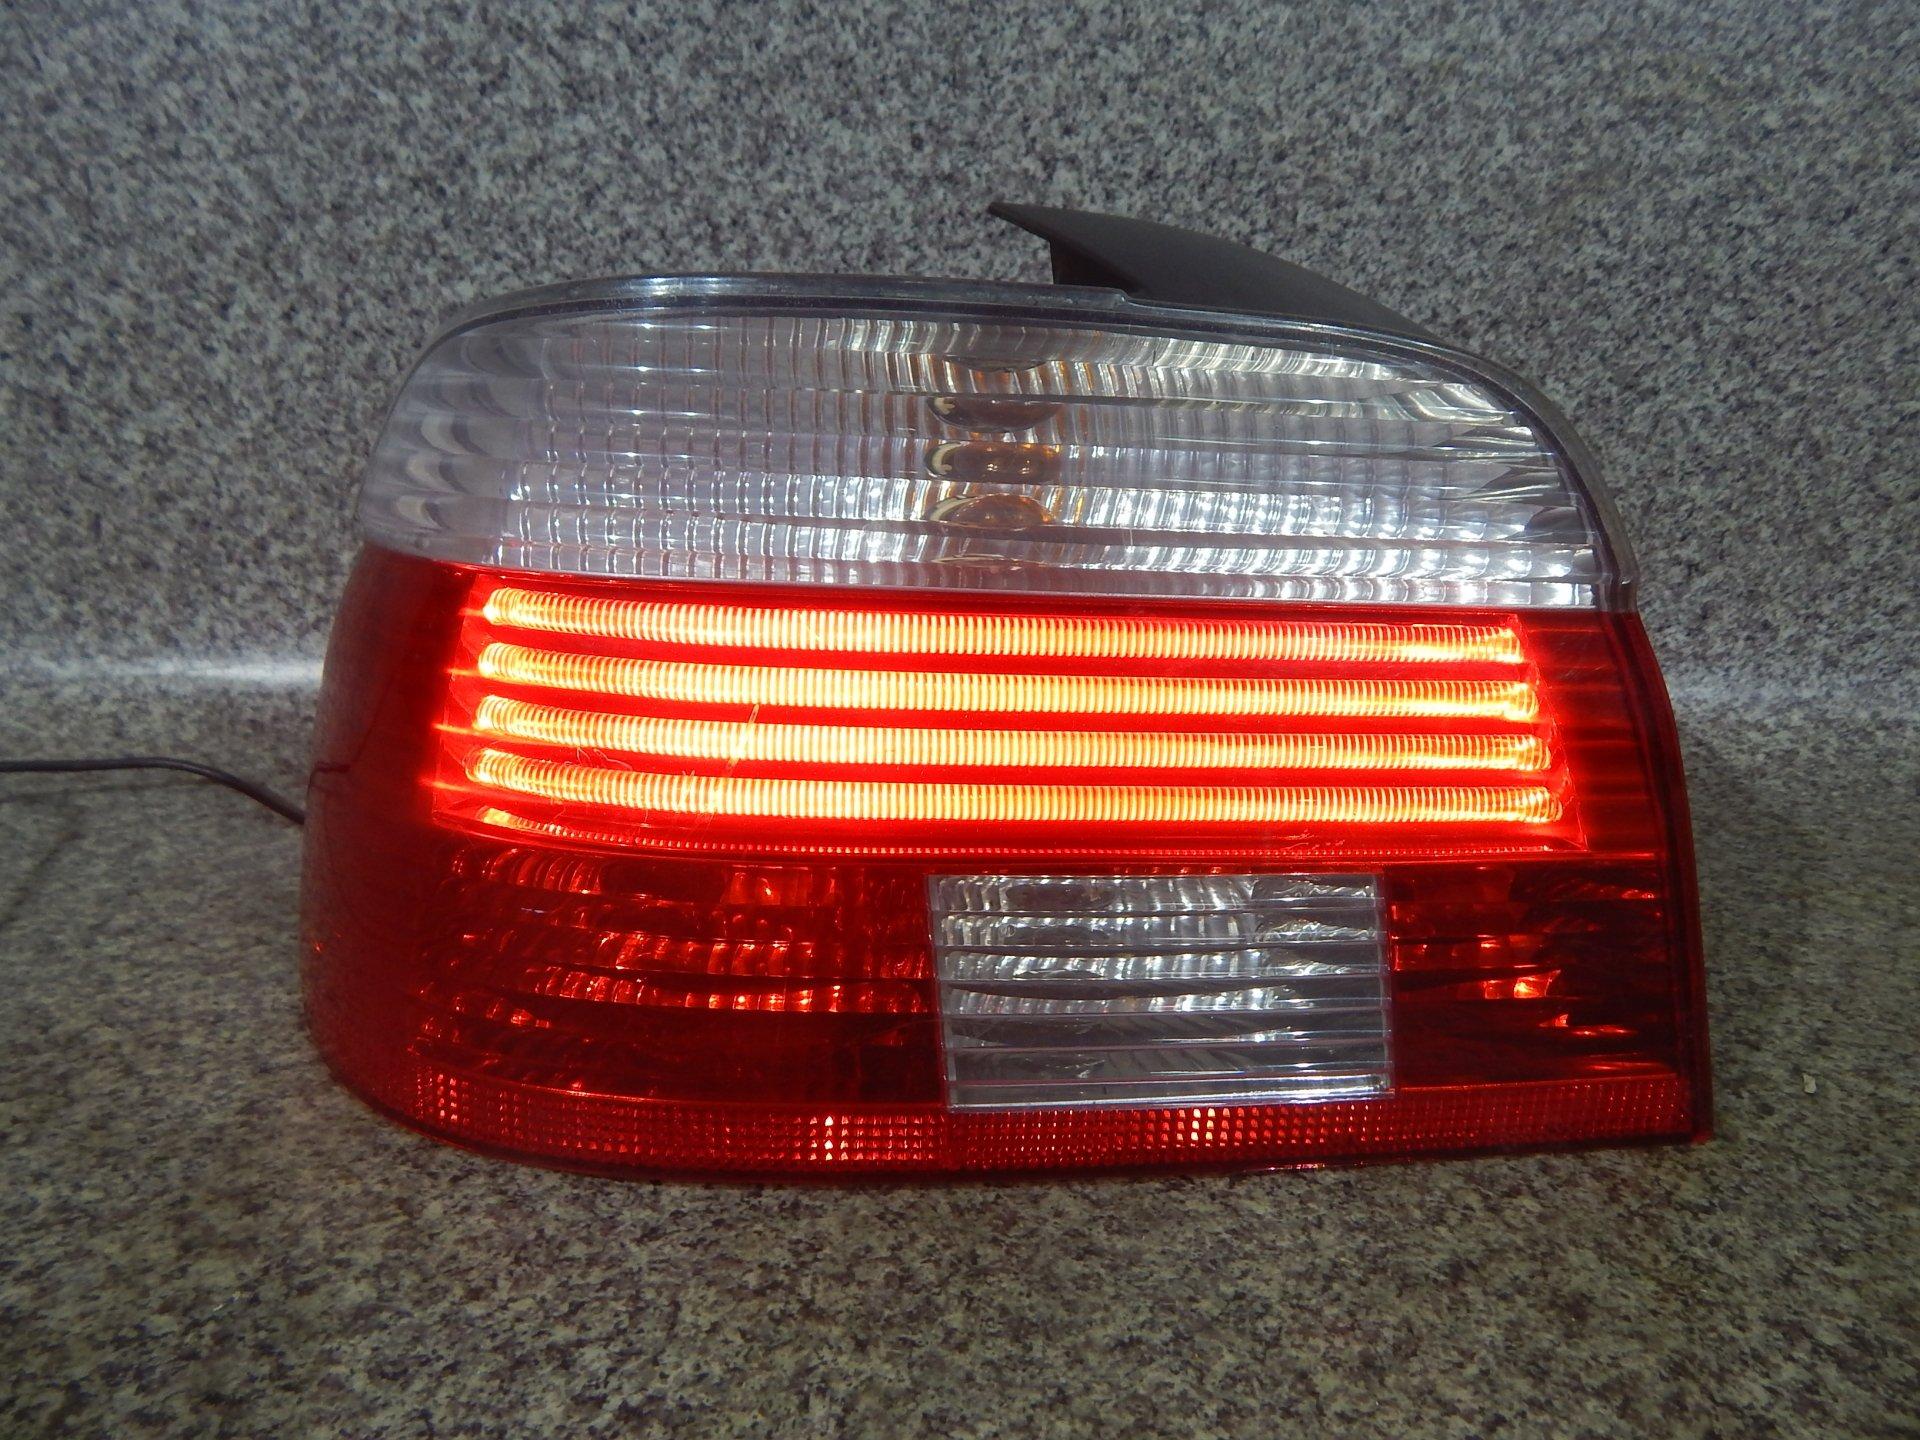 Lampa Tył Tylna Prawa Lewa Bmw E39 Lift Sedan Led